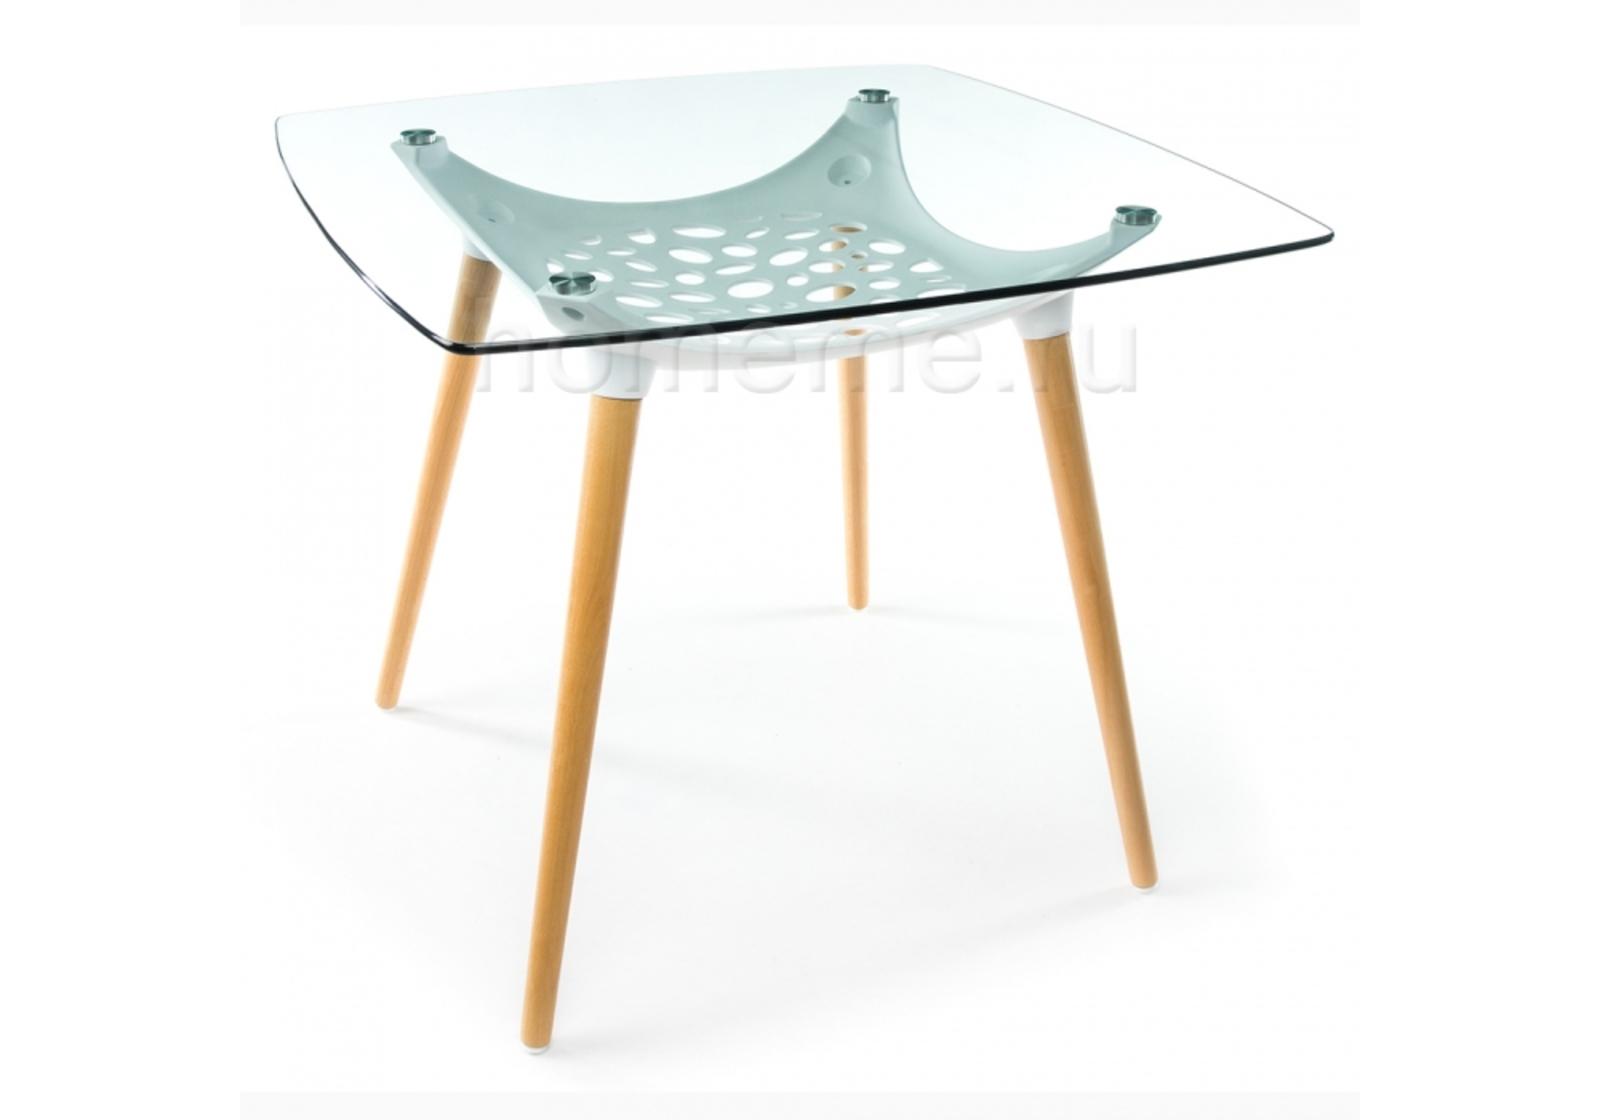 Кухонный стол HomeMe PT-M89 1665 от Homeme.ru